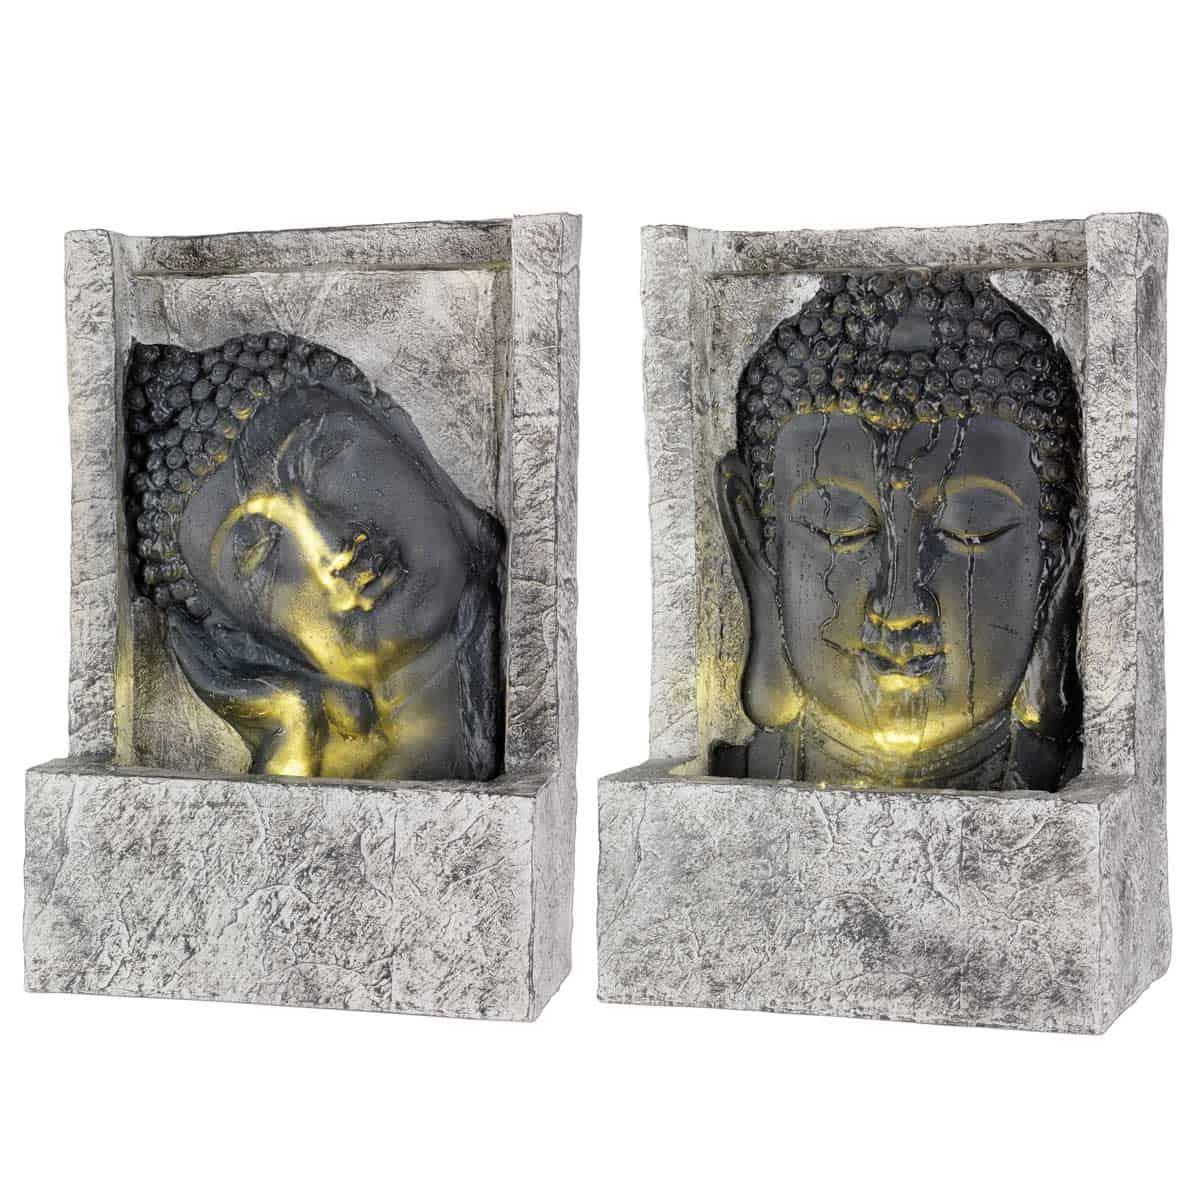 Fontaine Extérieure Lumineuse Bouddha dedans Jardin Zen Belgique